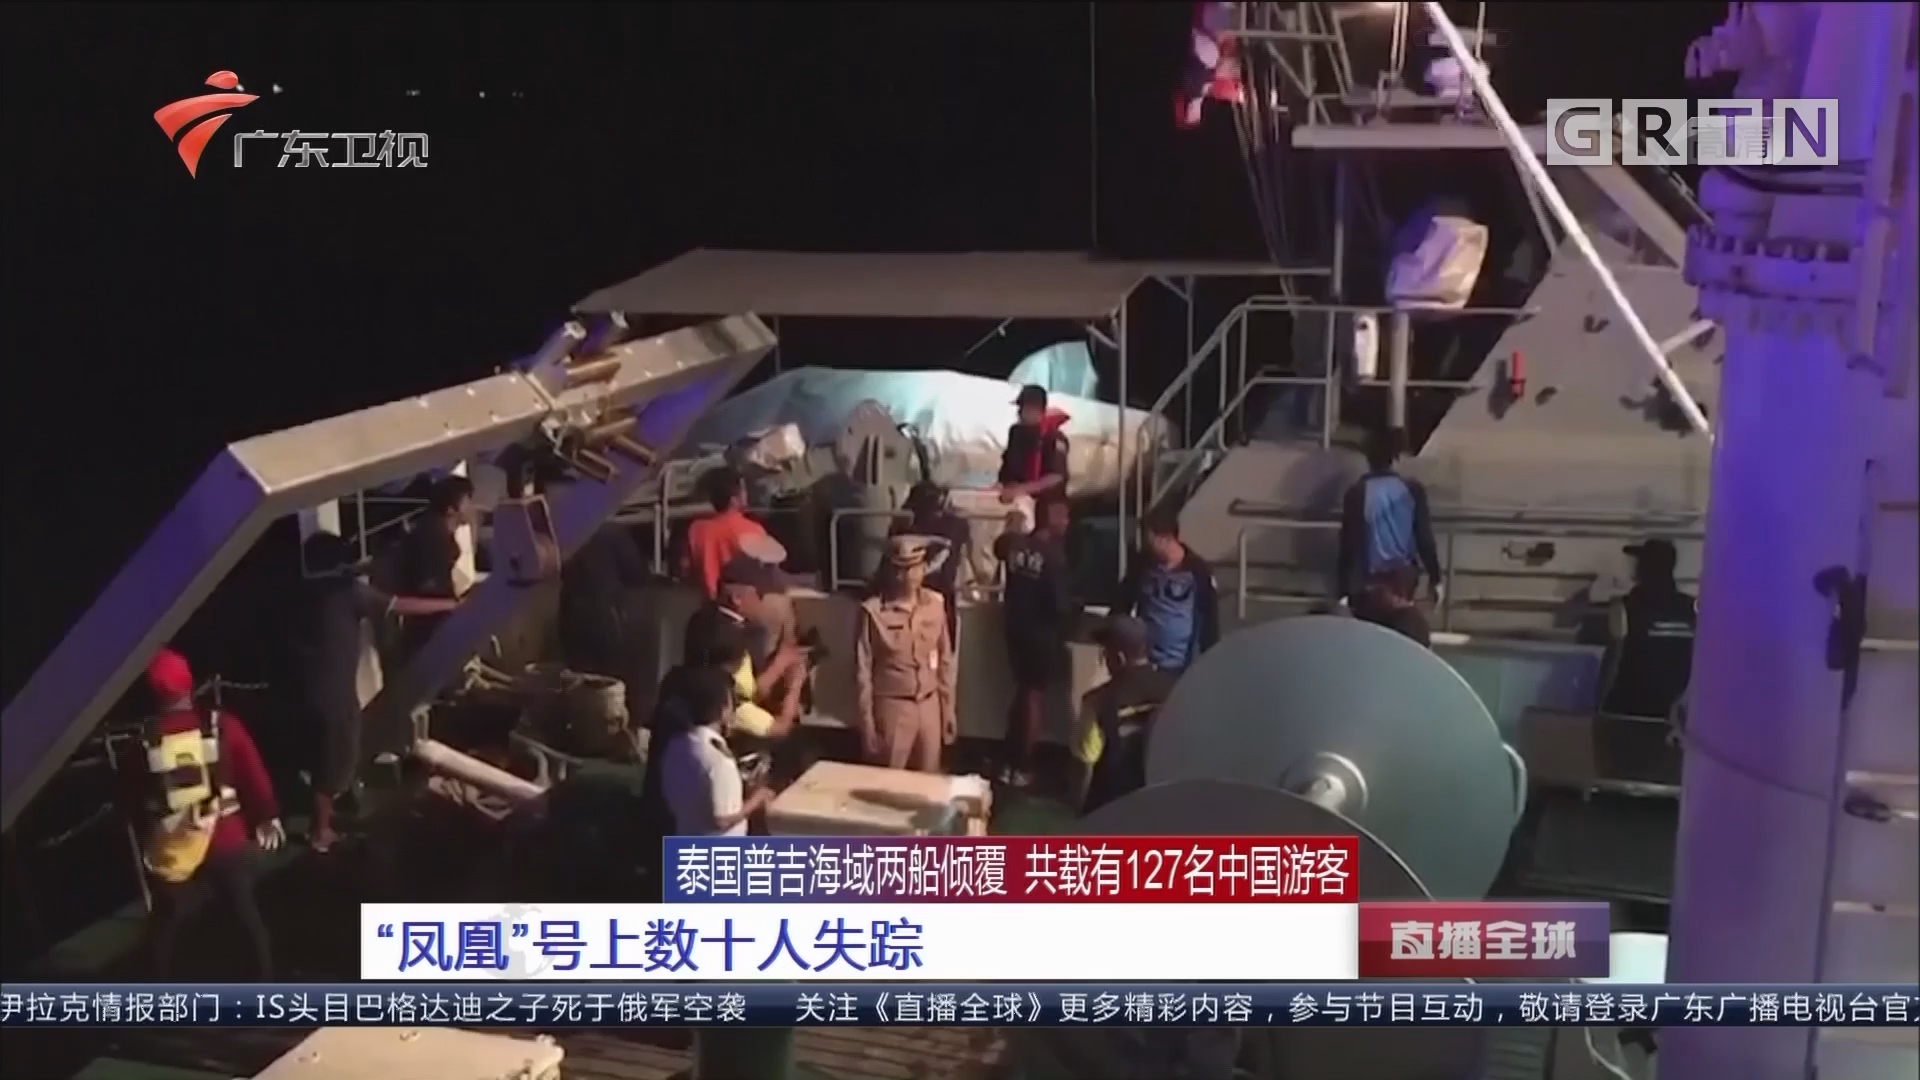 """泰国普吉海域两船倾覆 共载有127名中国游客 """"凤凰""""号上数十人失踪"""